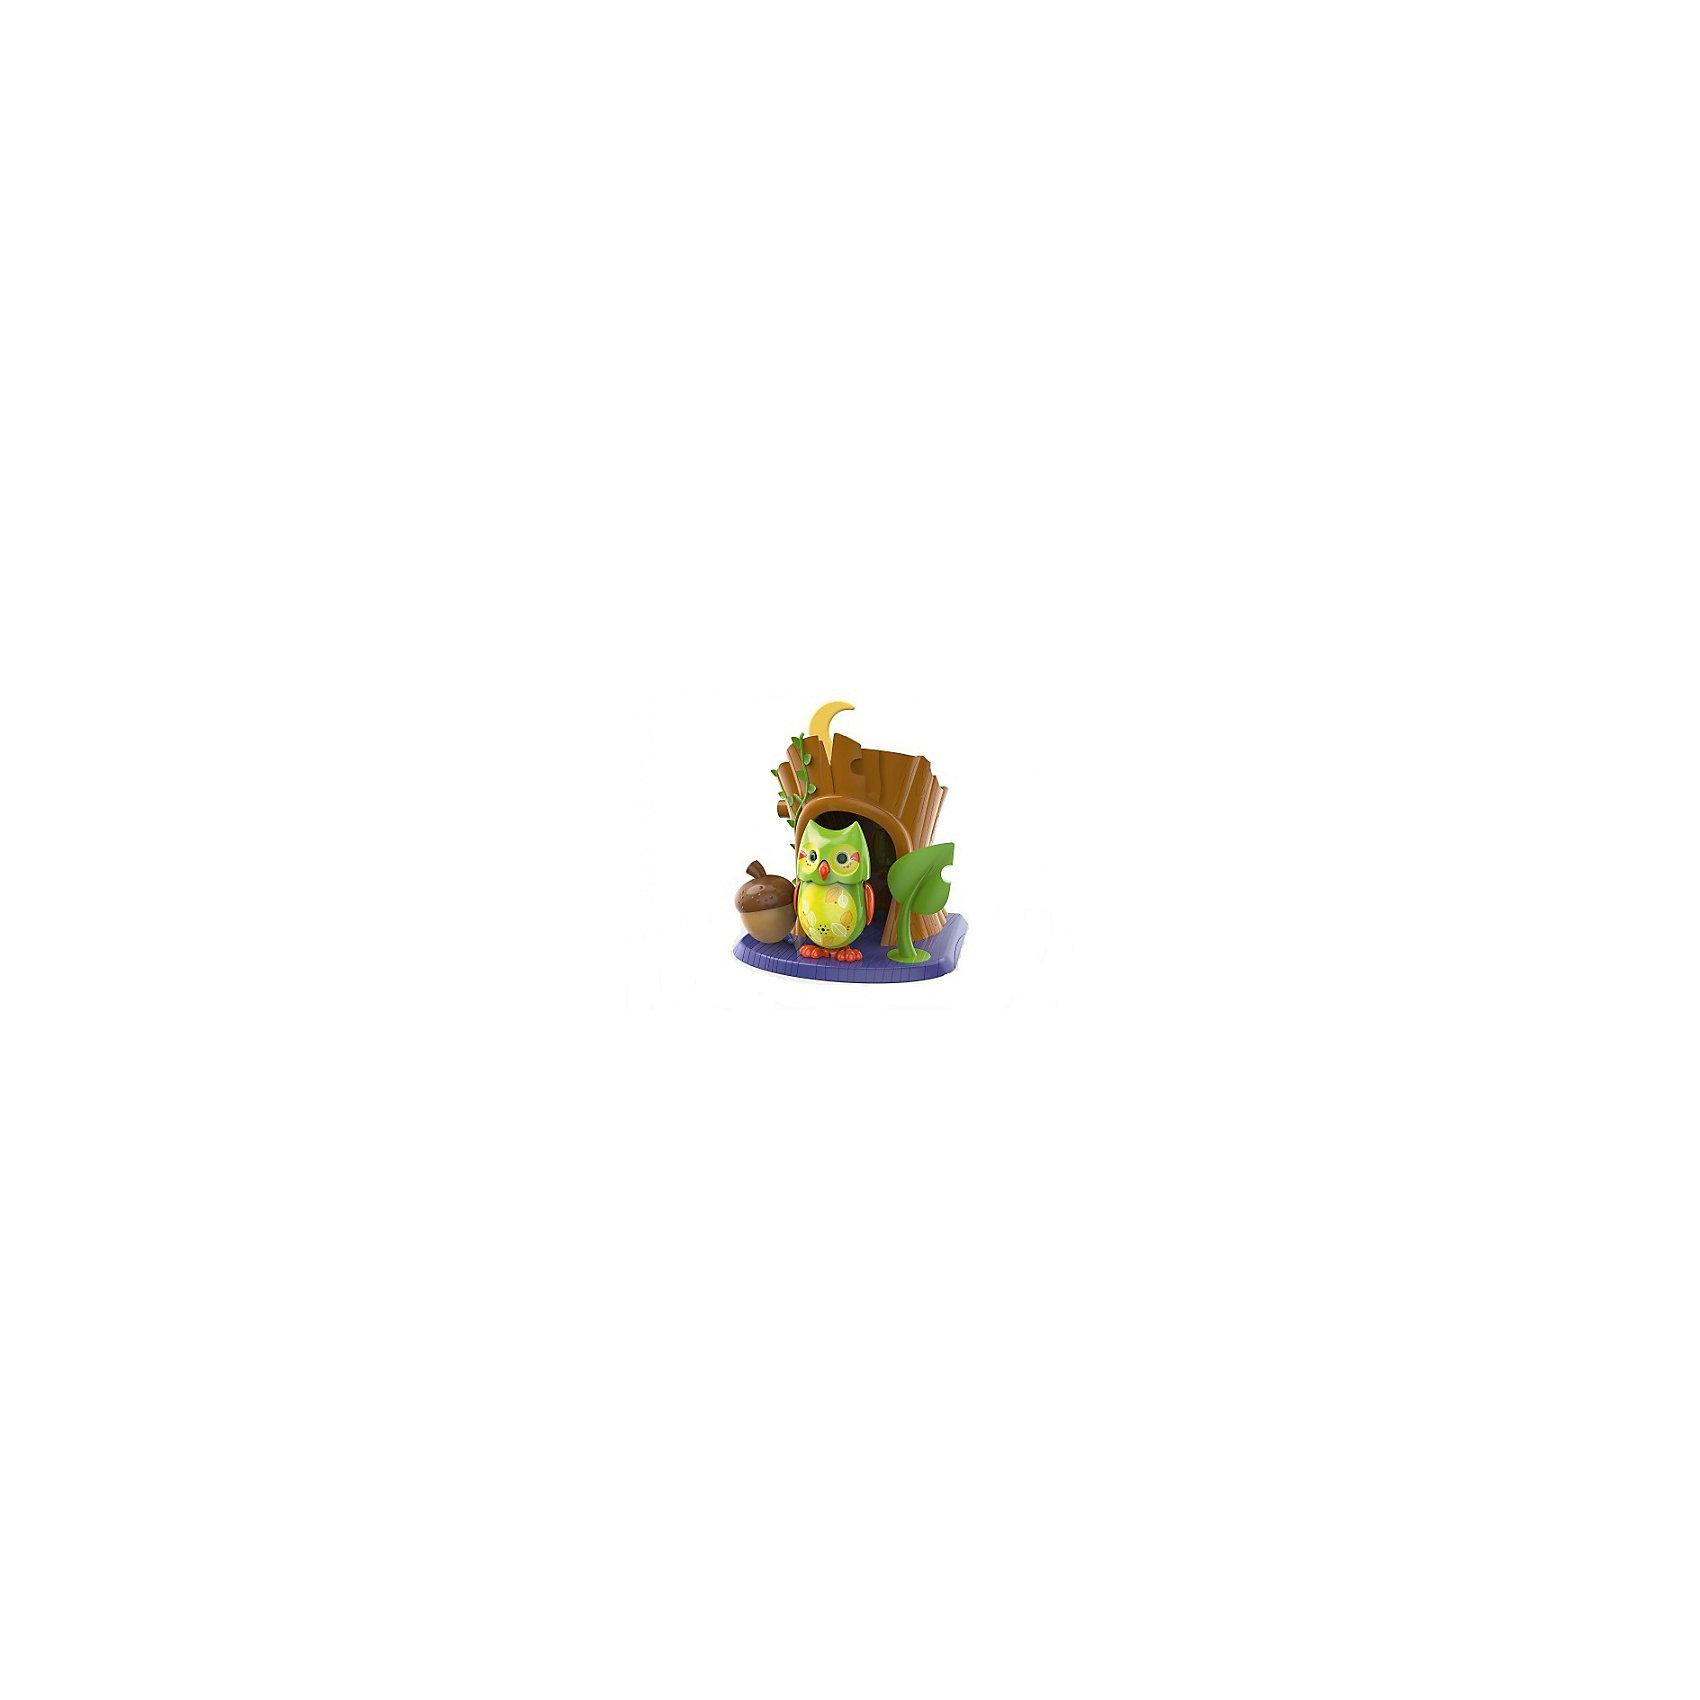 Поющая сова с домиком, зеленая, DigiBirdsИнтерактивные животные<br>Поющая сова с домиком, зеленая, DigiBirds, Silverlit (Сильверлит) ? еще одна вариация на тему интерактивной птички от мирового производителя детских товаров Silverlit (Сильверлит). Сова оснащена световыми и звуковыми эффектами. Ее творческий репертуар состоит из 55 песенок, которые исполняются как в сольном виде, так и в хоровом. Имея столь разнообразный репертуар, эта игрушка вряд ли быстро наскучит вашему ребенку. Активируется сова тремя способами: на нее достаточно подуть или посвистеть в свисток, который идет в комплекте, или резко взмахнуть по воздуху, держа птичку в руке. Кроме того, сова умеет танцевать: в такт музыки машет крыльями, раскрывает клюв и поворачивает головой. Кроме того, пение сопровождается свечением больших очаровательных глаз.<br>Поющая сова с домиком, зеленая, DigiBirds, Silverlit (Сильверлит)  ? совершенно уникальная игрушка, которая не только развлекает вашего ребенка, но и занимается его музыкальным развитием. В первую очередь, она способствует формированию музыкального слуха и памяти. Простые действия: подуть в свисток, подуть на сову ? простые, но очень эффективные упражнения, которые направлены на развитие речевого аппарата.<br>Поющая сова с домиком, зеленая, DigiBirds, Silverlit (Сильверлит)  ? это миниатюрный музыкальный центр для вашего ребенка.<br><br>Дополнительная информация:<br><br>- Вид игр: сюжетно-ролевые игры <br>- Предназначение: для дома<br>- Дополнительные функции: синхронизация со всеми персонажами DigiFriends<br>- Батарейки: 3 шт. LR44<br>- Материал: высококачественный пластик<br>- Размер (ДхШхВ): 10,8*15,2*17,2 см<br>- Вес: 308 г<br>- Комплектация: сова, свисток, подставка-домик, инструкция, батарейки<br>- Особенности ухода: протирать влажной губкой<br><br>ВНИМАНИЕ! Данный артикул имеется в наличии в разных цветовых исполнениях (синий, зеленый, розовый). К сожалению, заранее выбрать определенный цвет невозможно. <br><br>Подробнее:<br><br>• Для детей в в